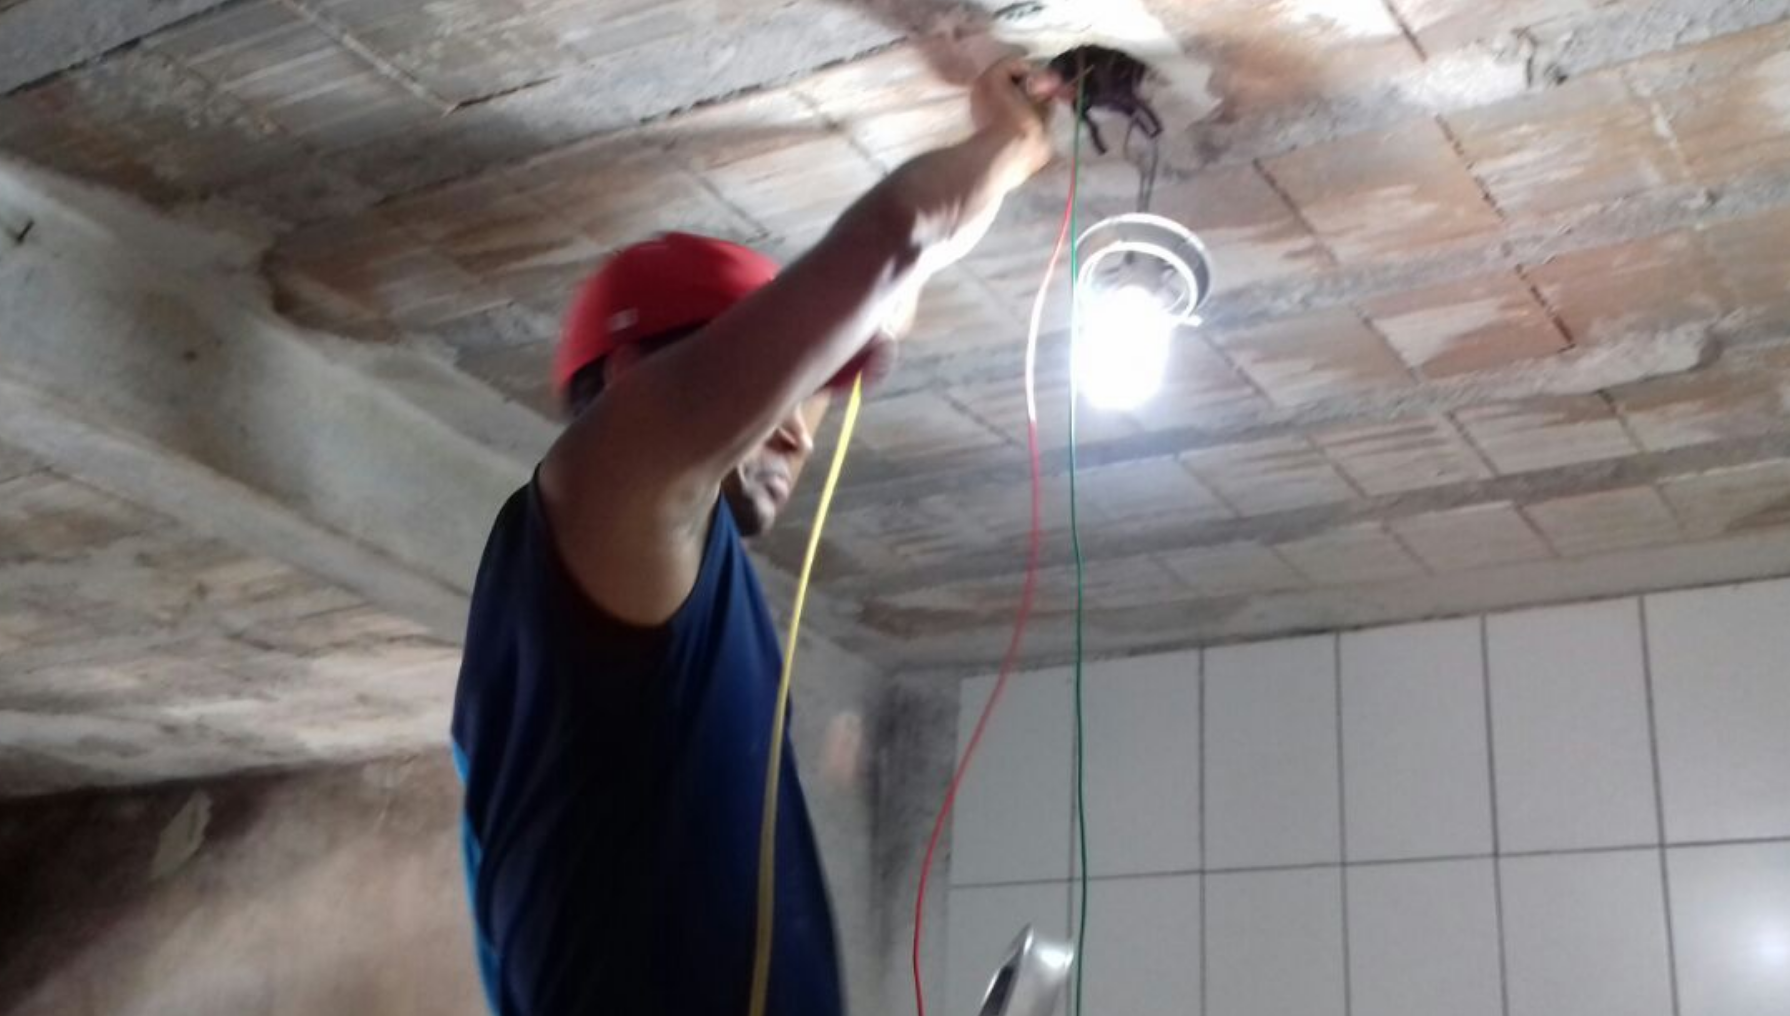 Voluntários se unem para reformar casa de mulher que estava desempregada e passando necessidade 5